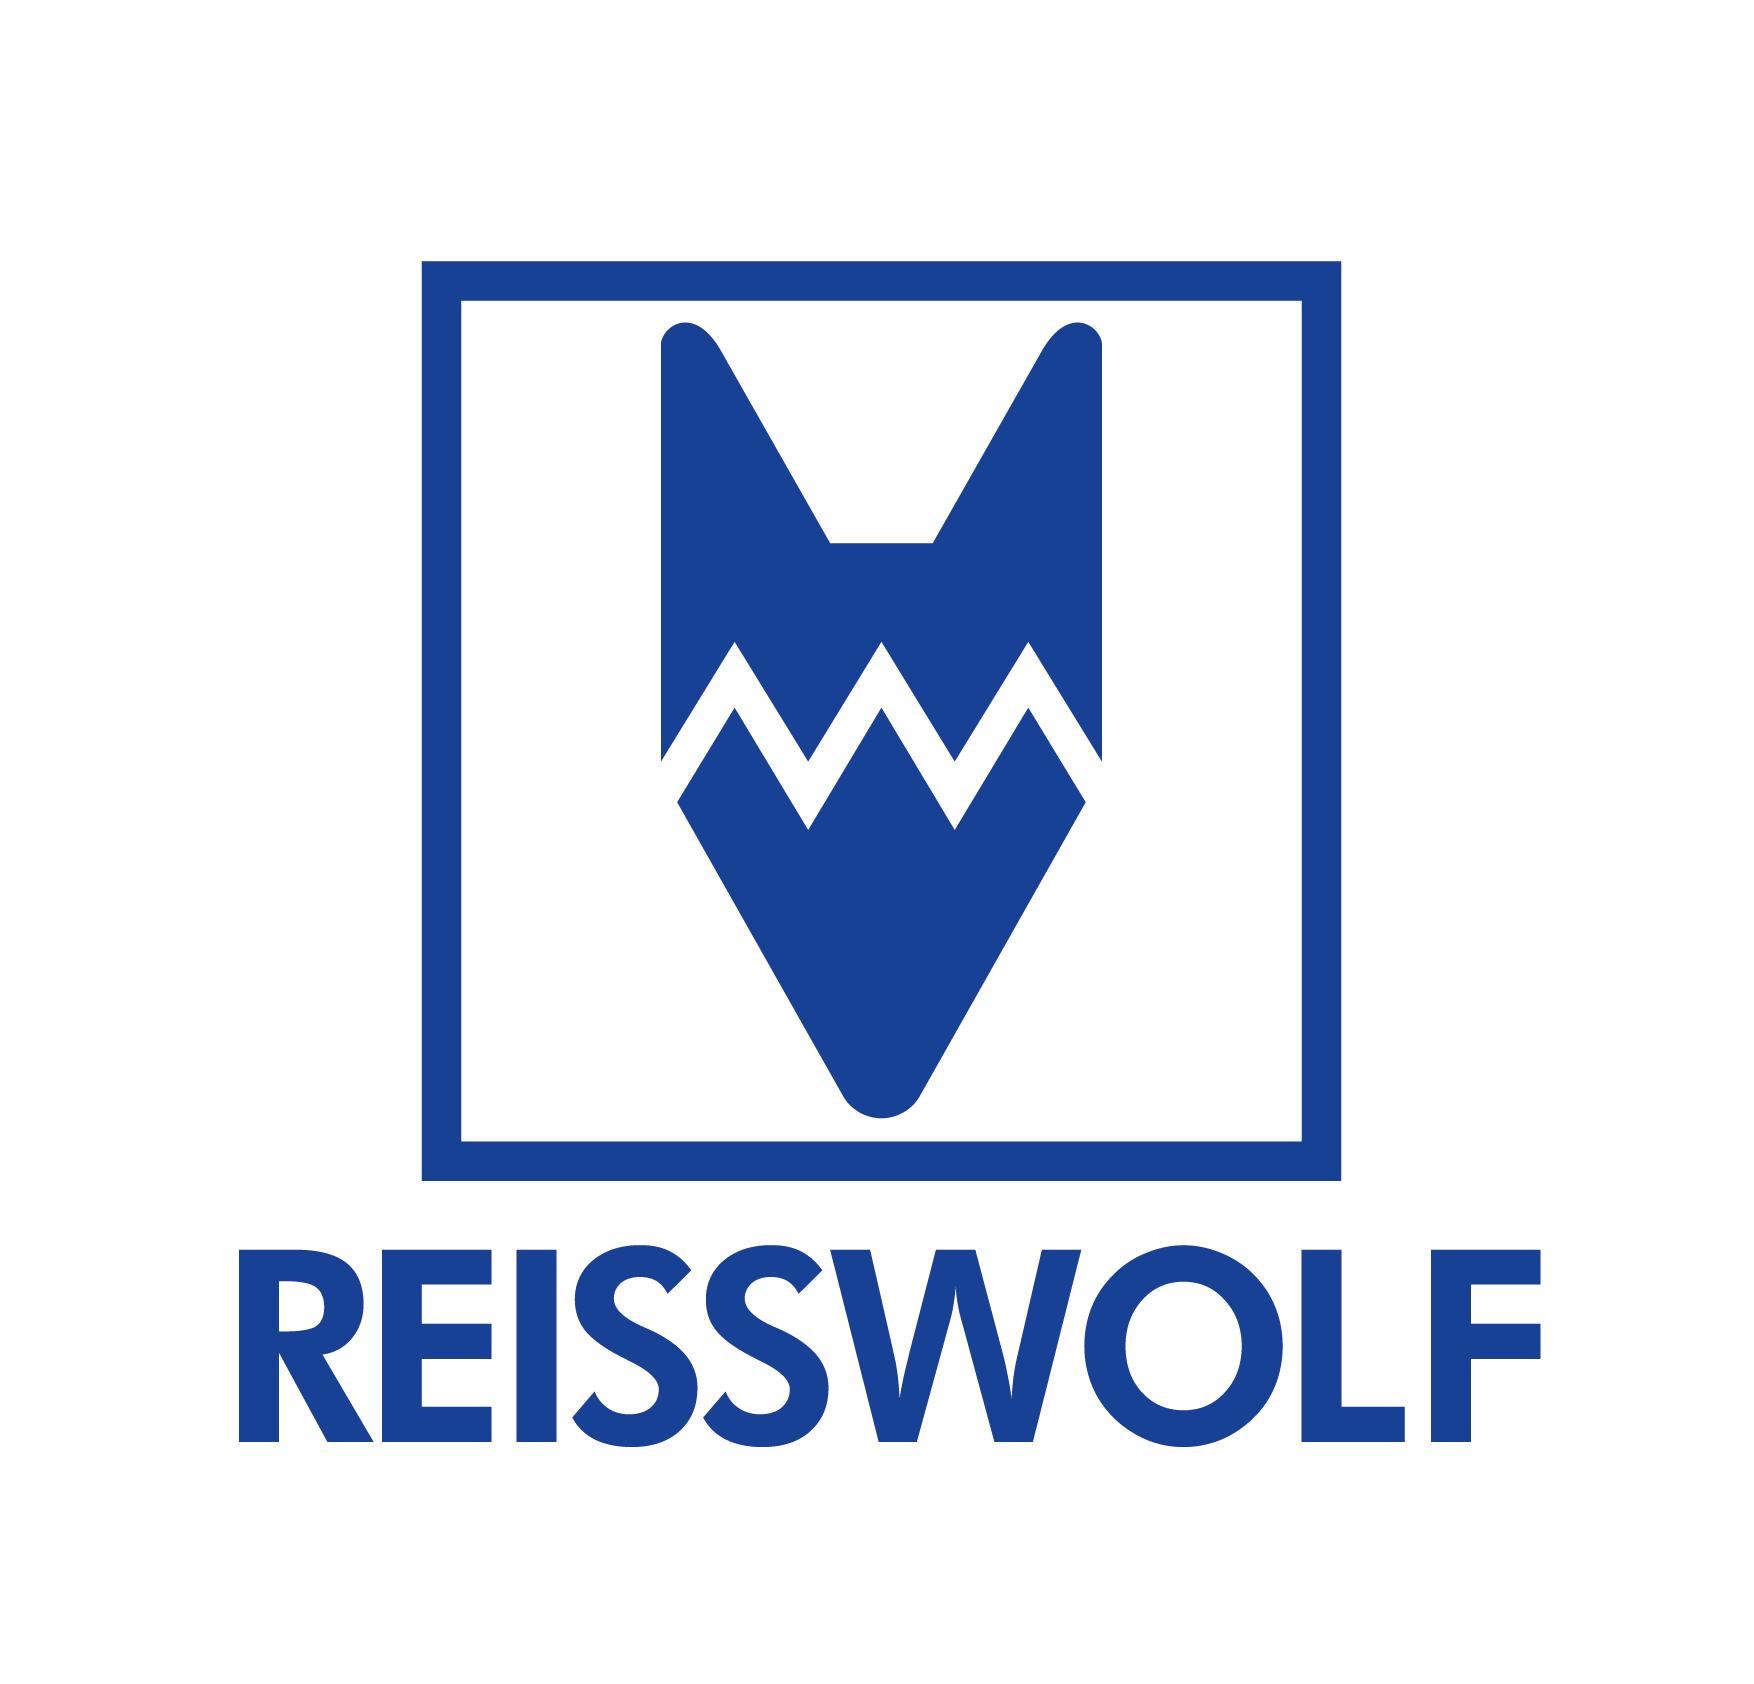 REISSWOLF